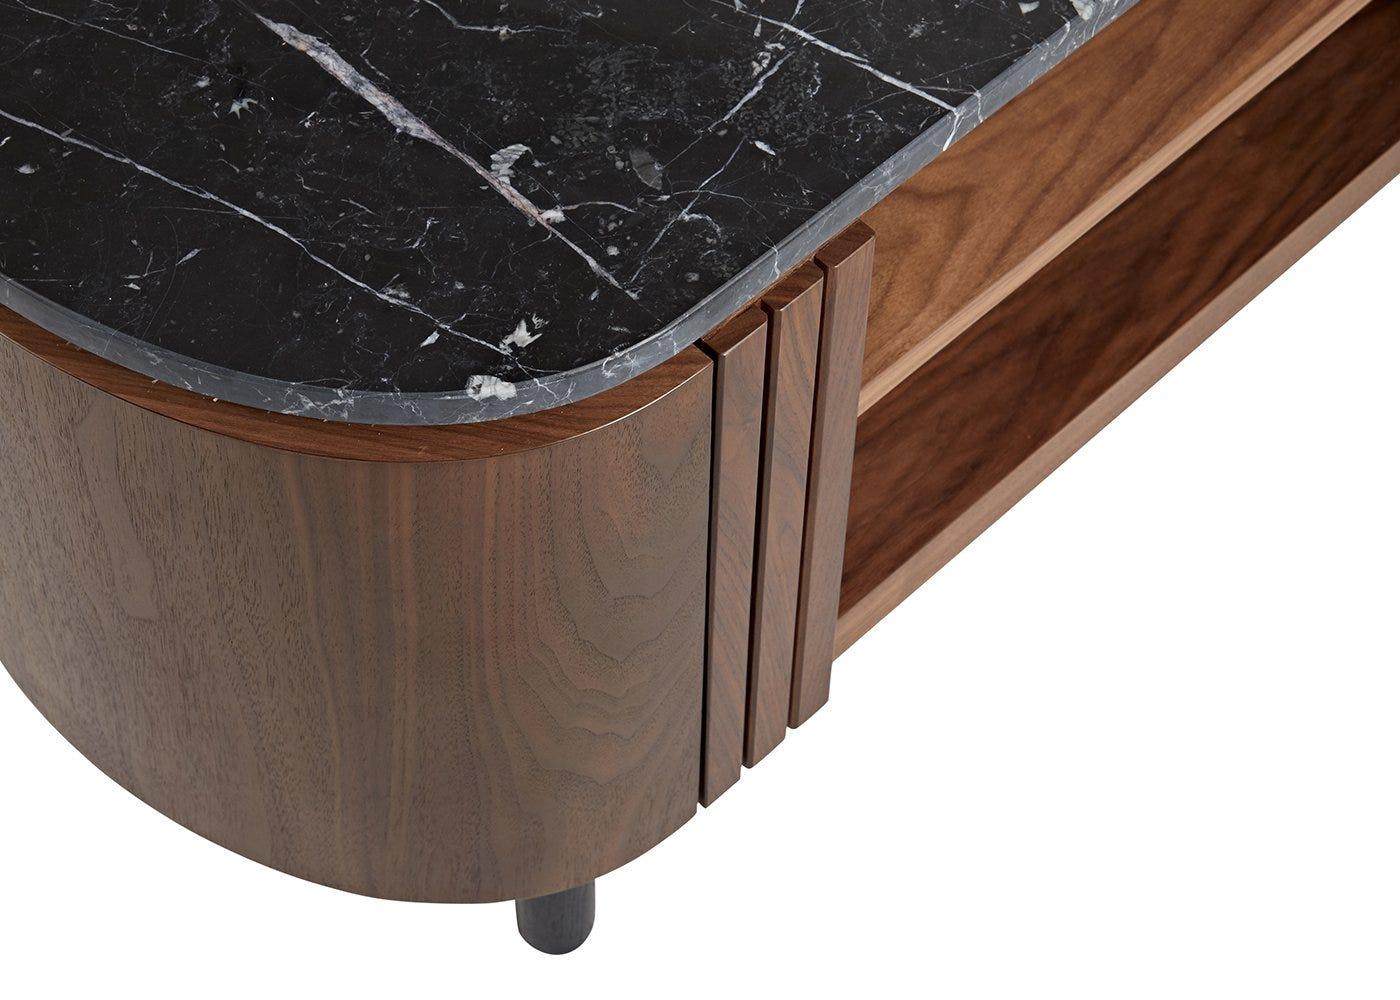 Black marble top.